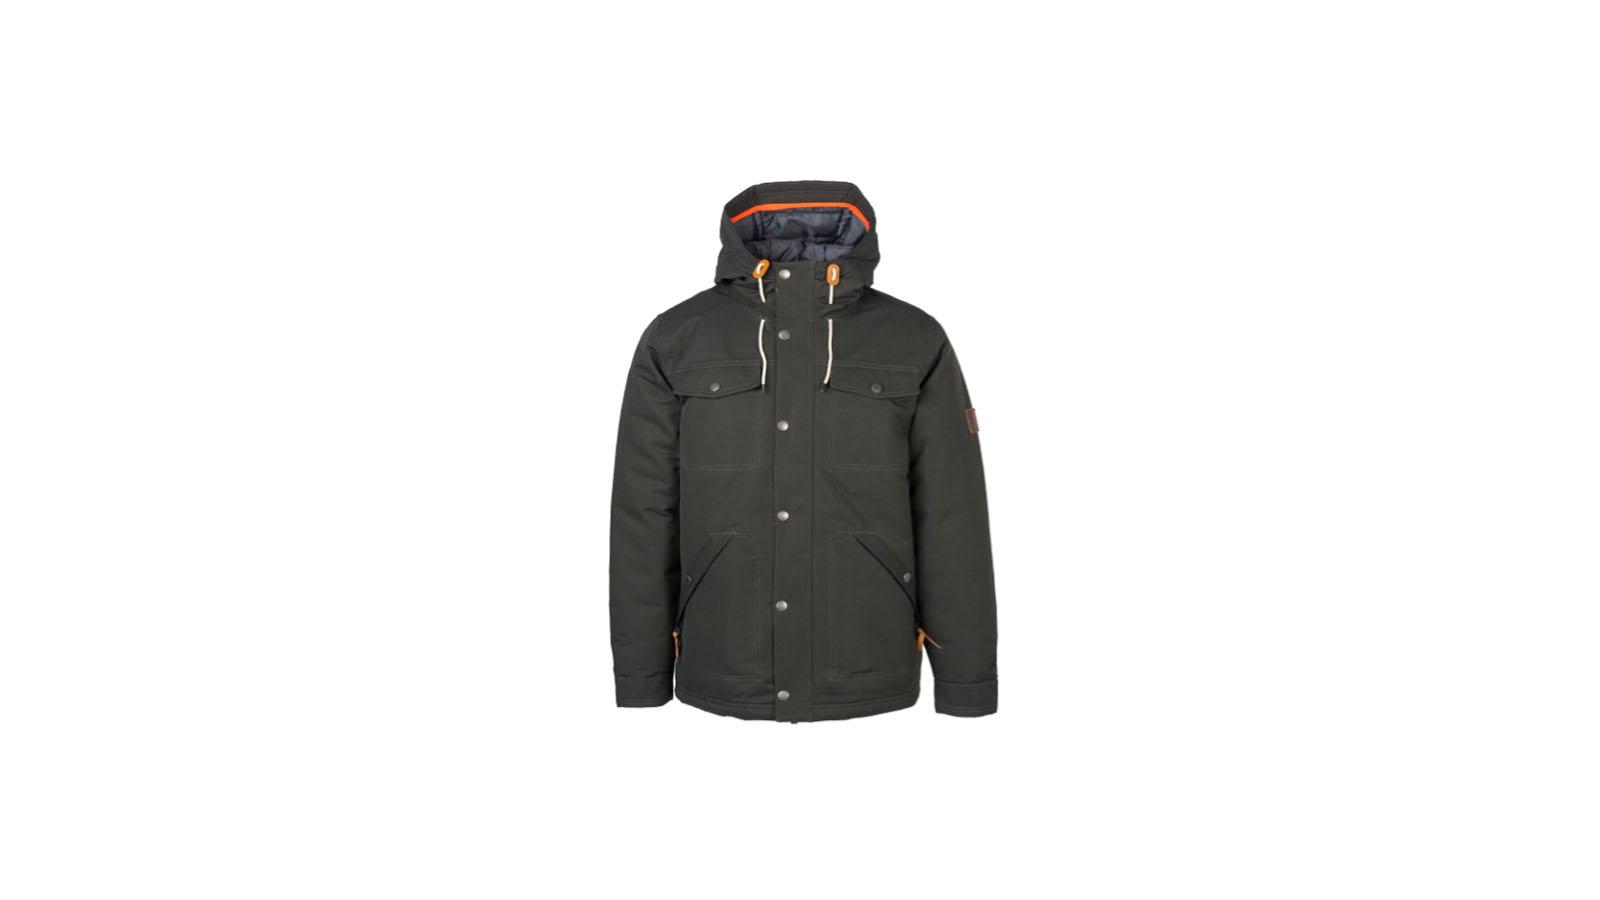 Ripcurl__0001_Easy rider Eco jacket